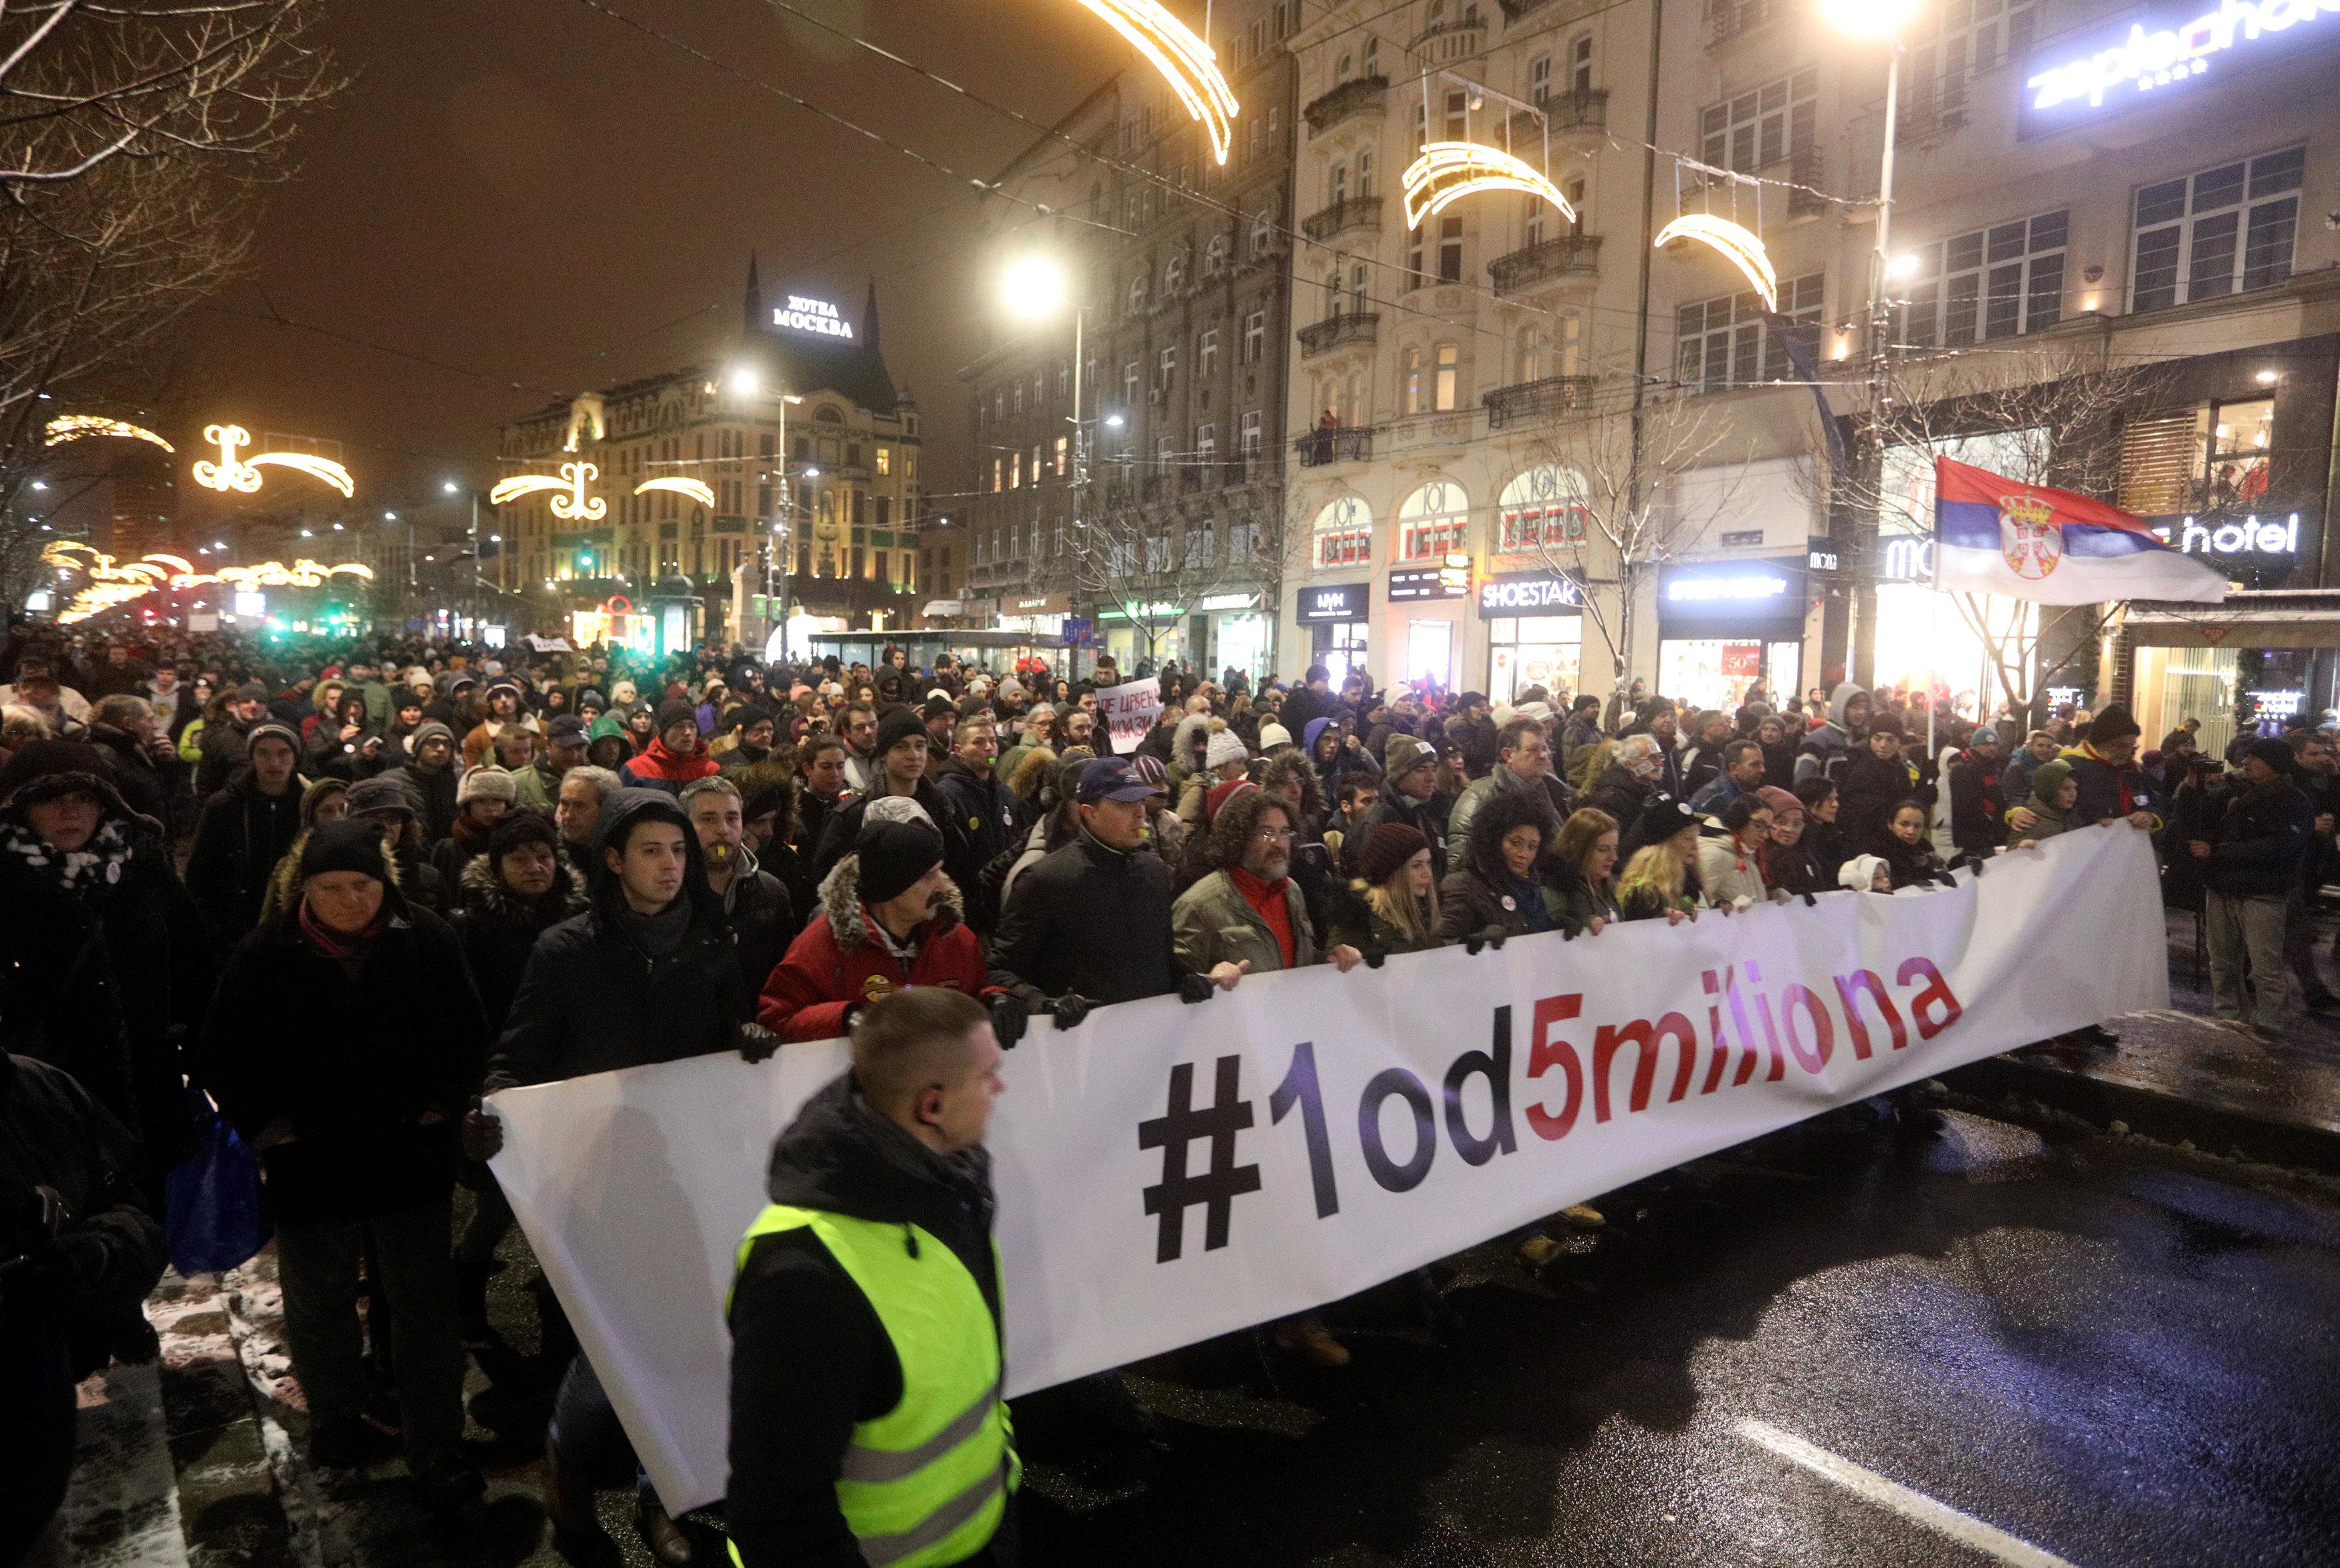 الاحتجاجات الحاشدة ضد الرئيس الصربى فى شوارع بلجراد (8)